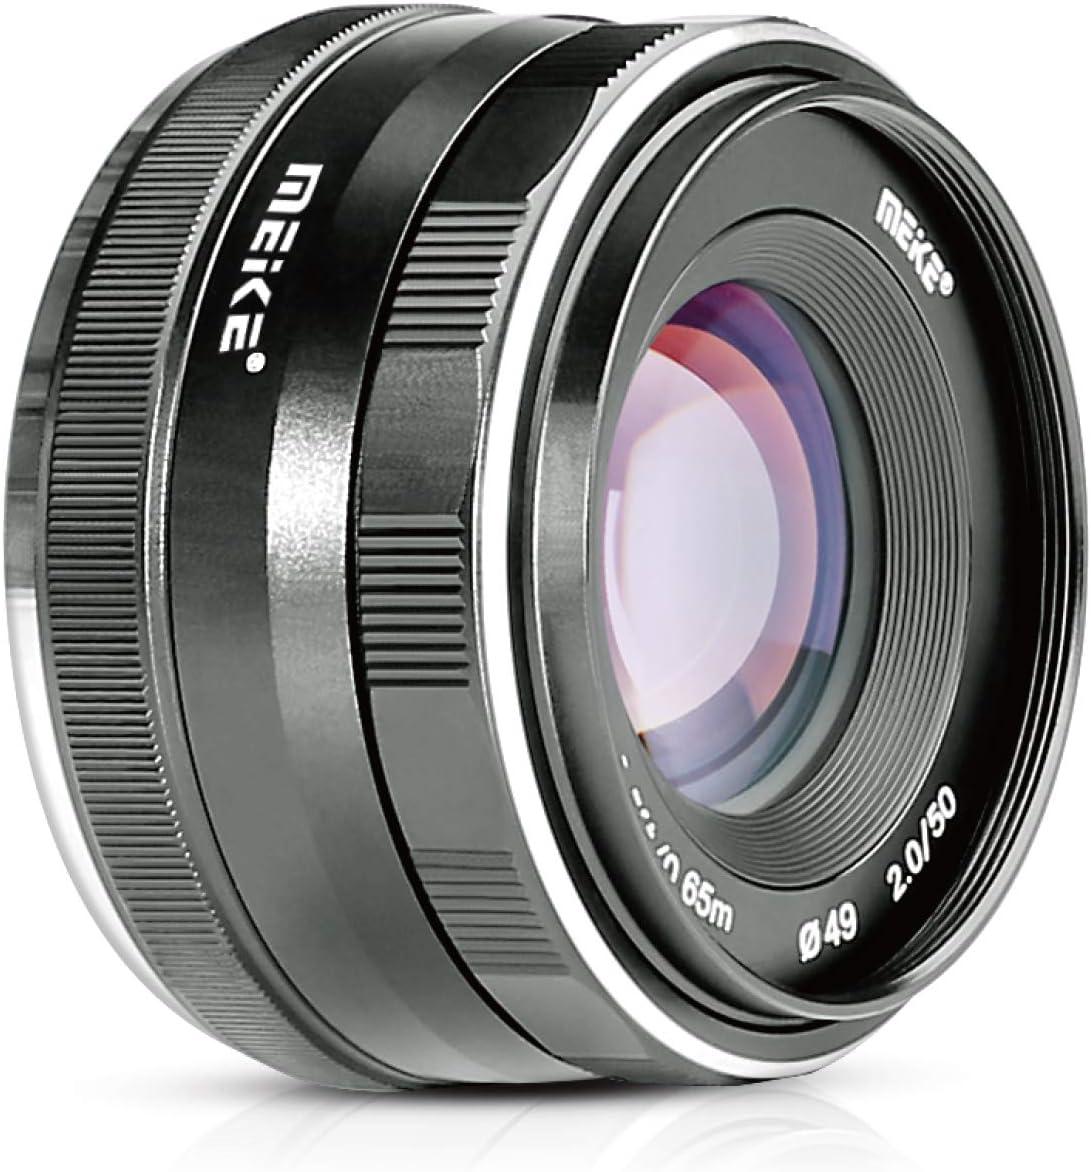 Enfoque 50mm f / 2.0 Lente APS-C Olympus Panasonic Lumix